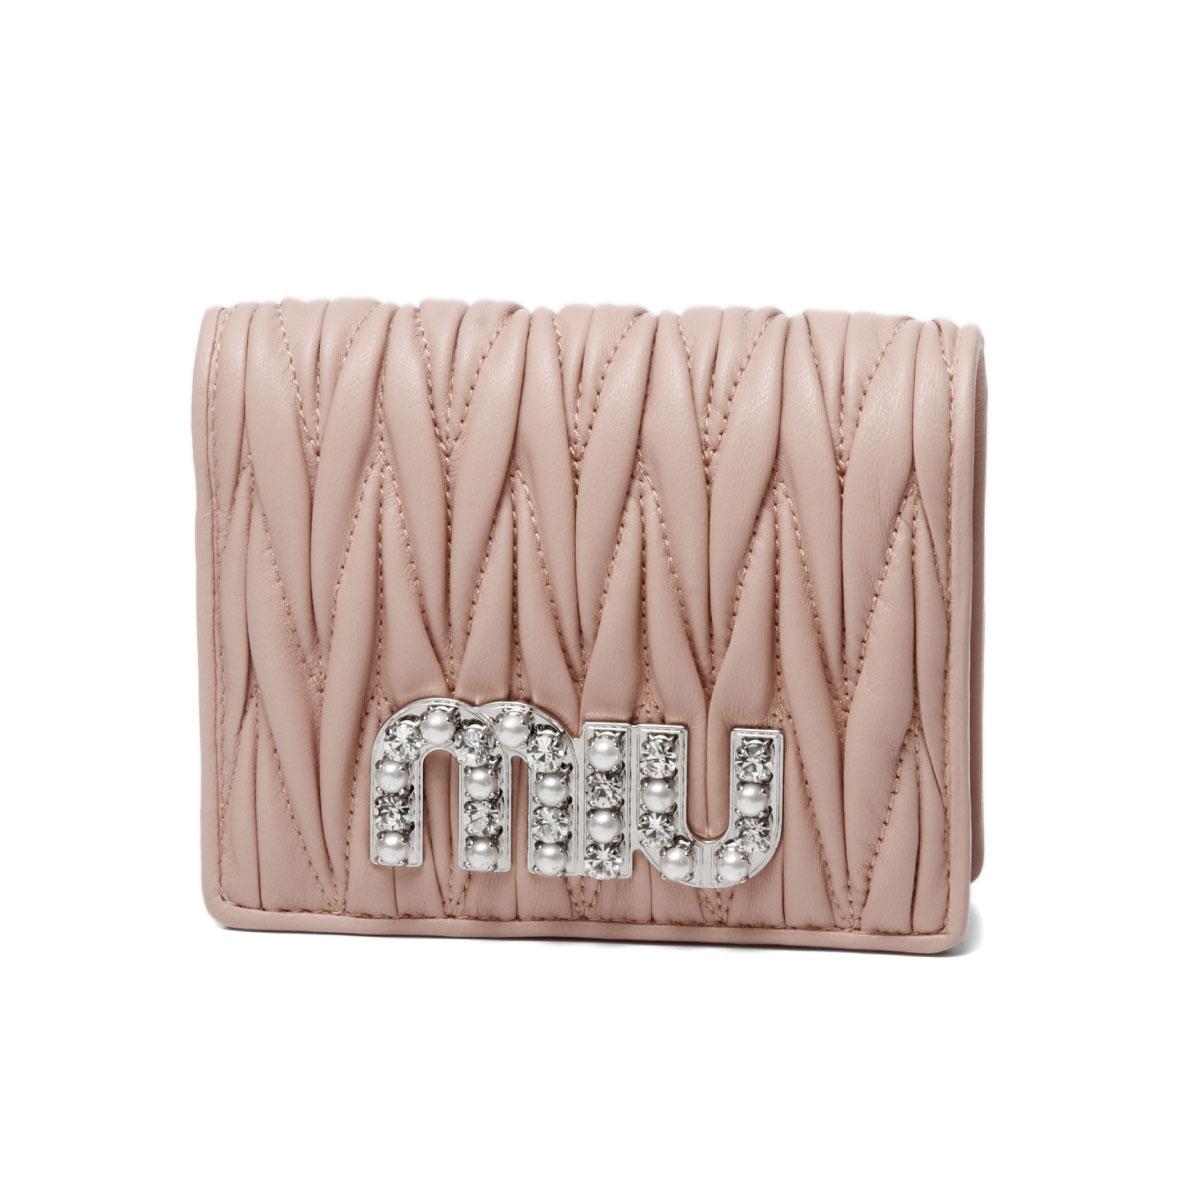 ミュウ ミュウ MIU MIU 財布 レディース 5MV204 2BSQ F0615 二つ折り財布 MATELASSE MIU C ORCHIDEA ピンク